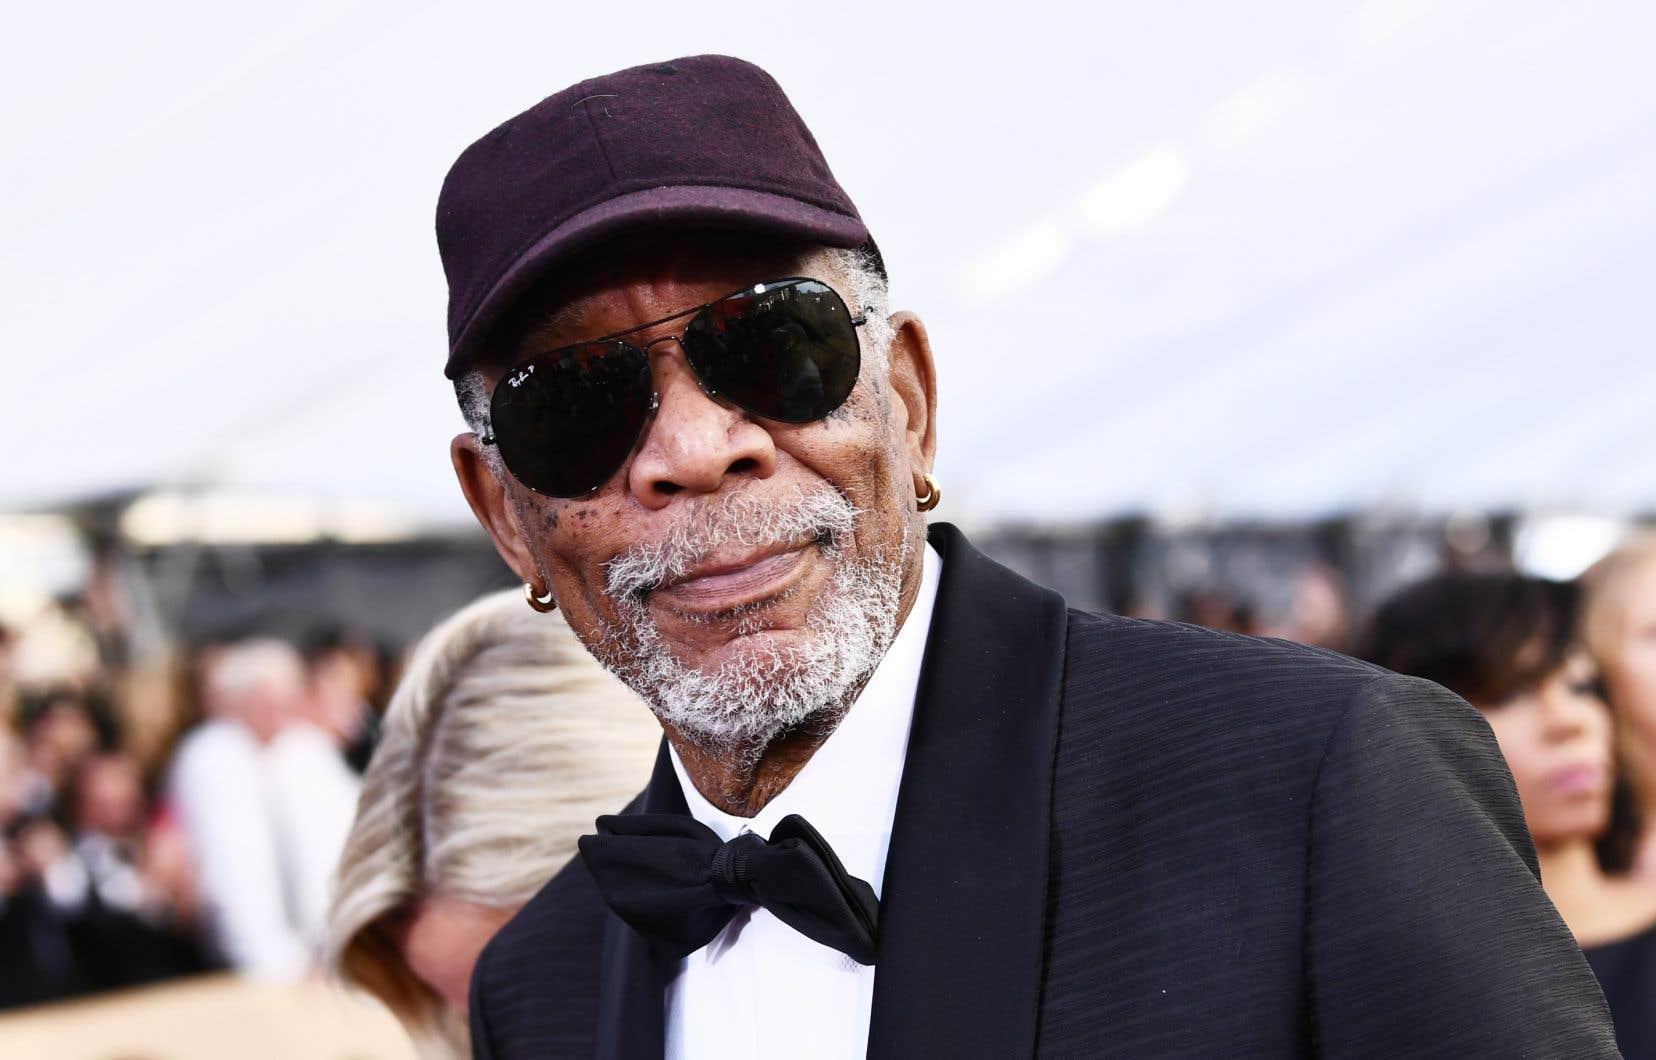 «Quiconque me connaît ou a travaillé avec moi sait que je ne suis pas quelqu'un qui intentionnellement voudrait vexer ou mettre quelqu'un mal à l'aise», a plaidé le comédien Morgan Freeman.